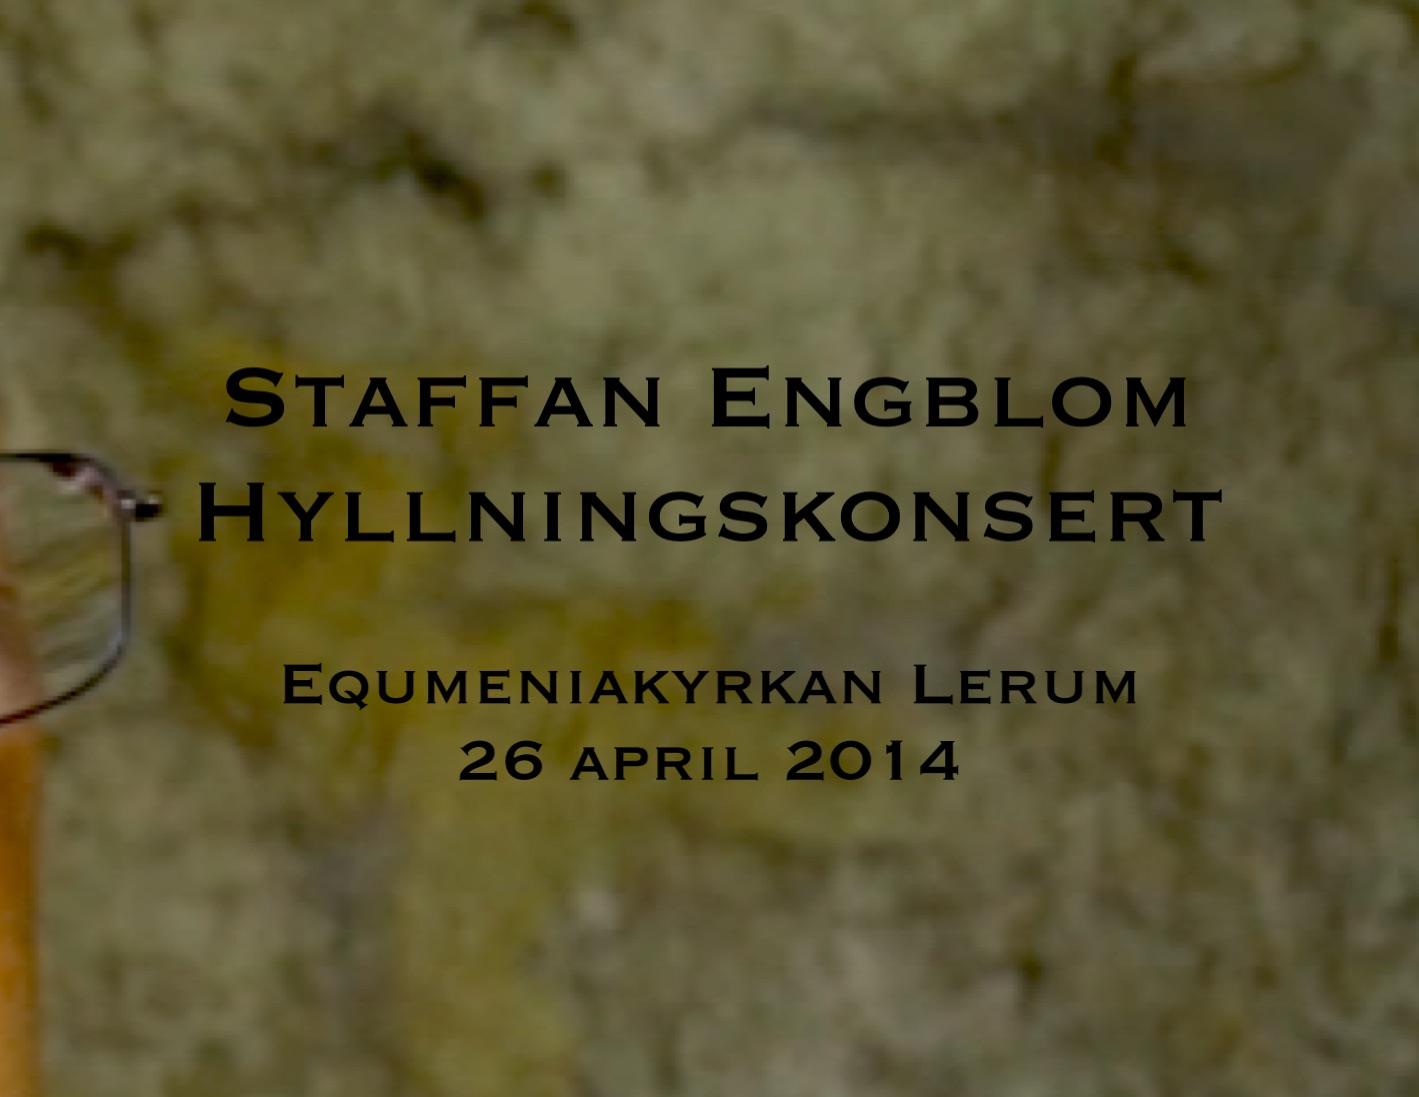 Staffan Engblom hyllningskonsert - DVD